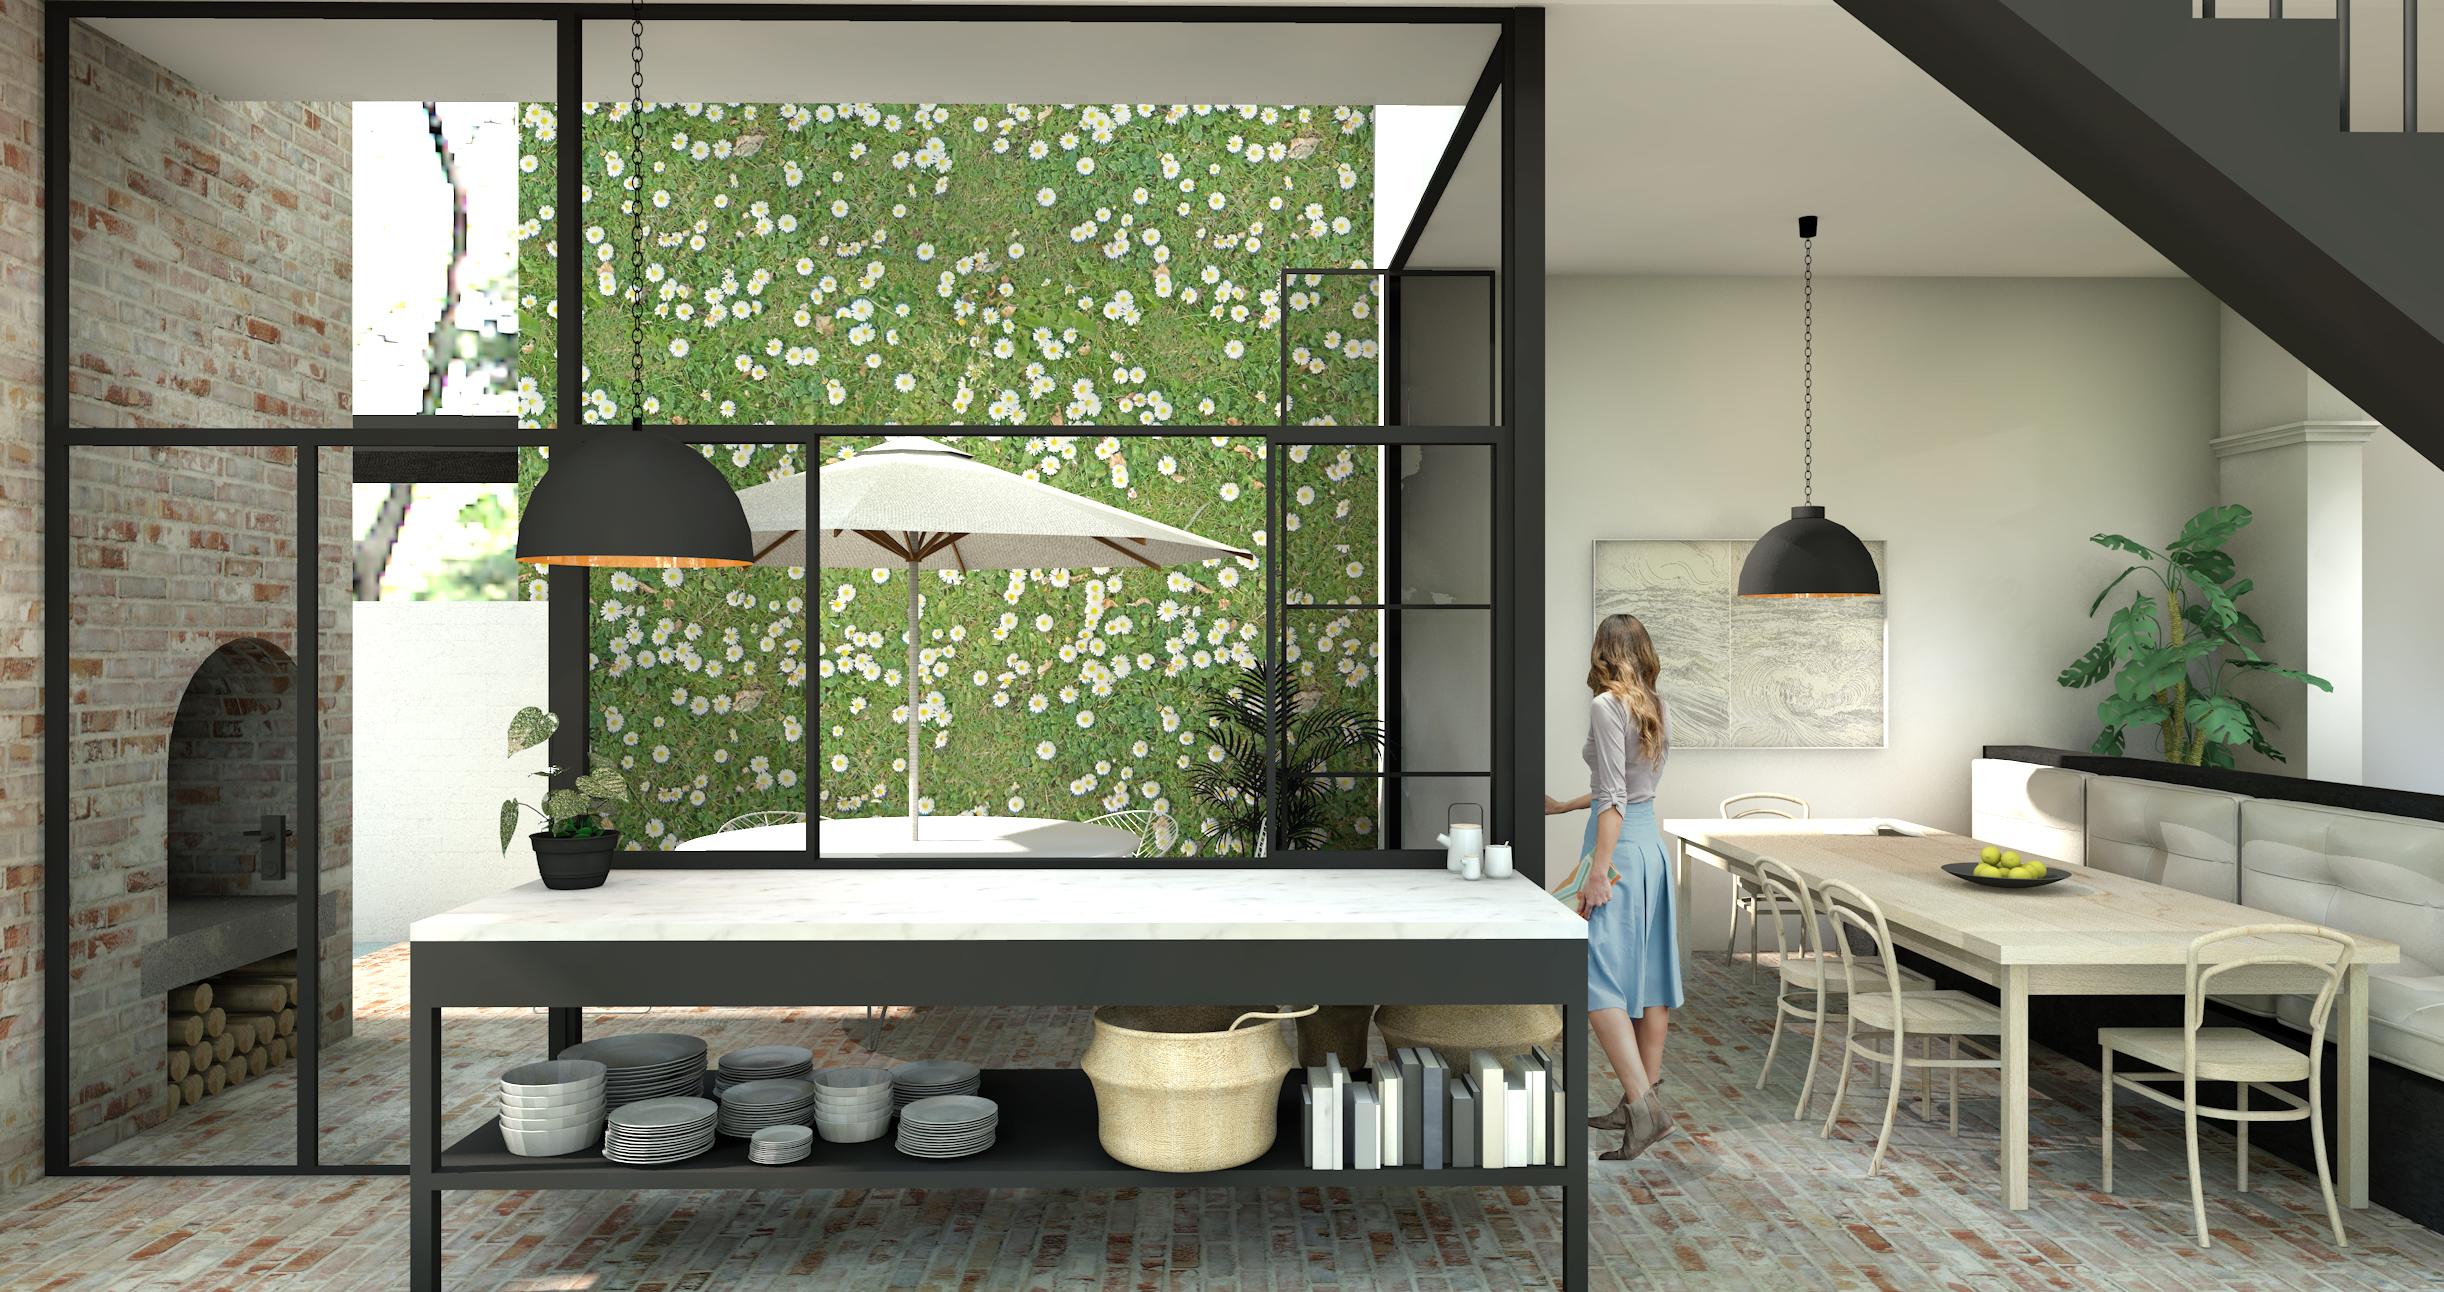 Internal Courtyard house Kitchen to Court Olivia van Dijk Architecture.jpg